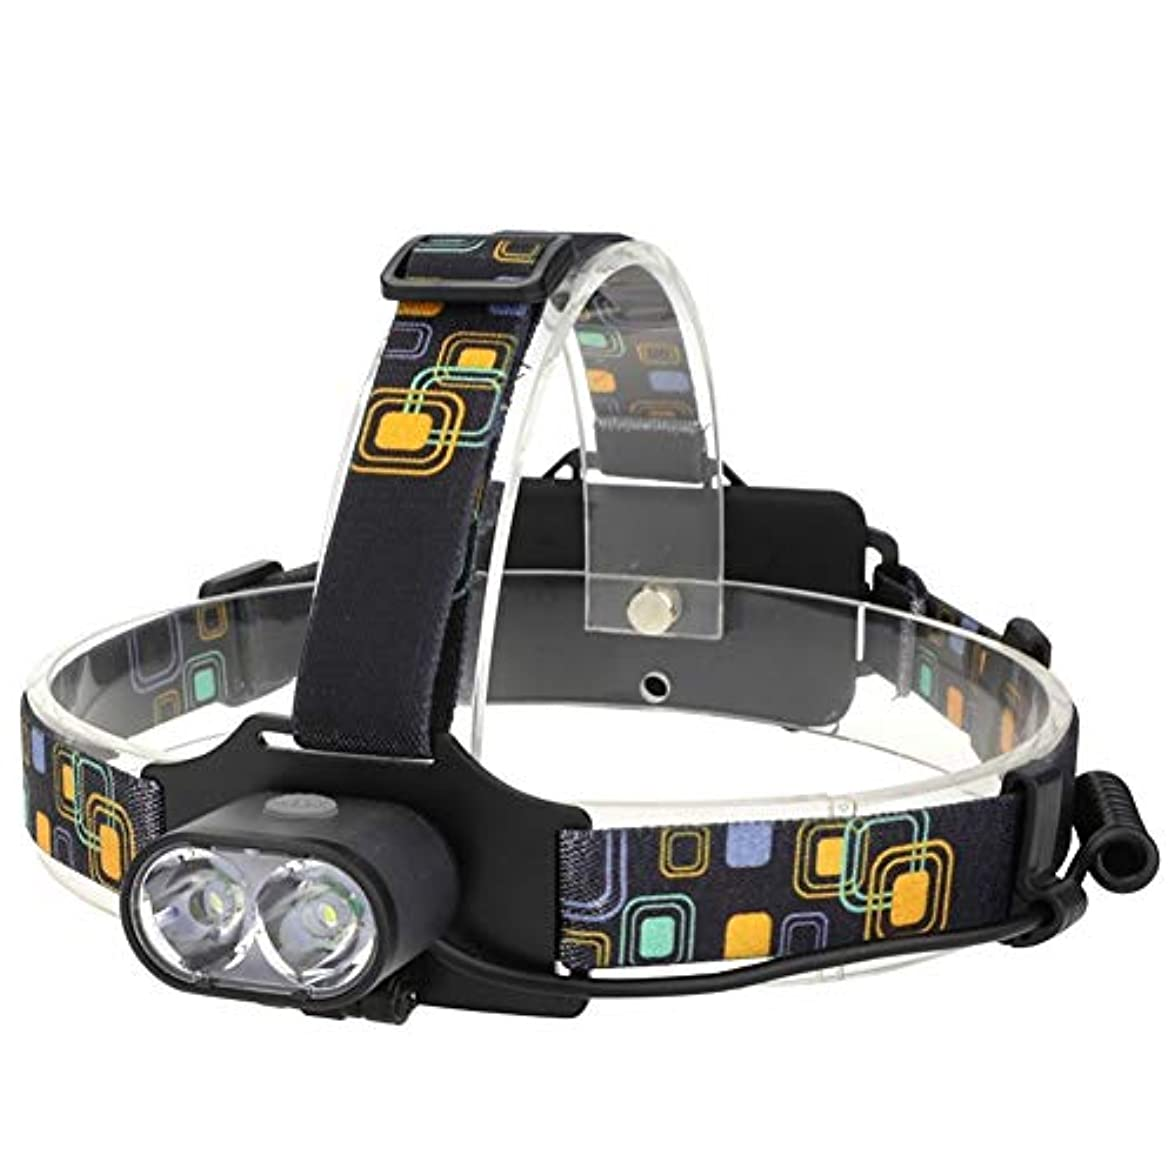 飢饉知らせる深くヘッドライト,多機能登山釣りスーパーブライト防水ロングショットヘッドライト